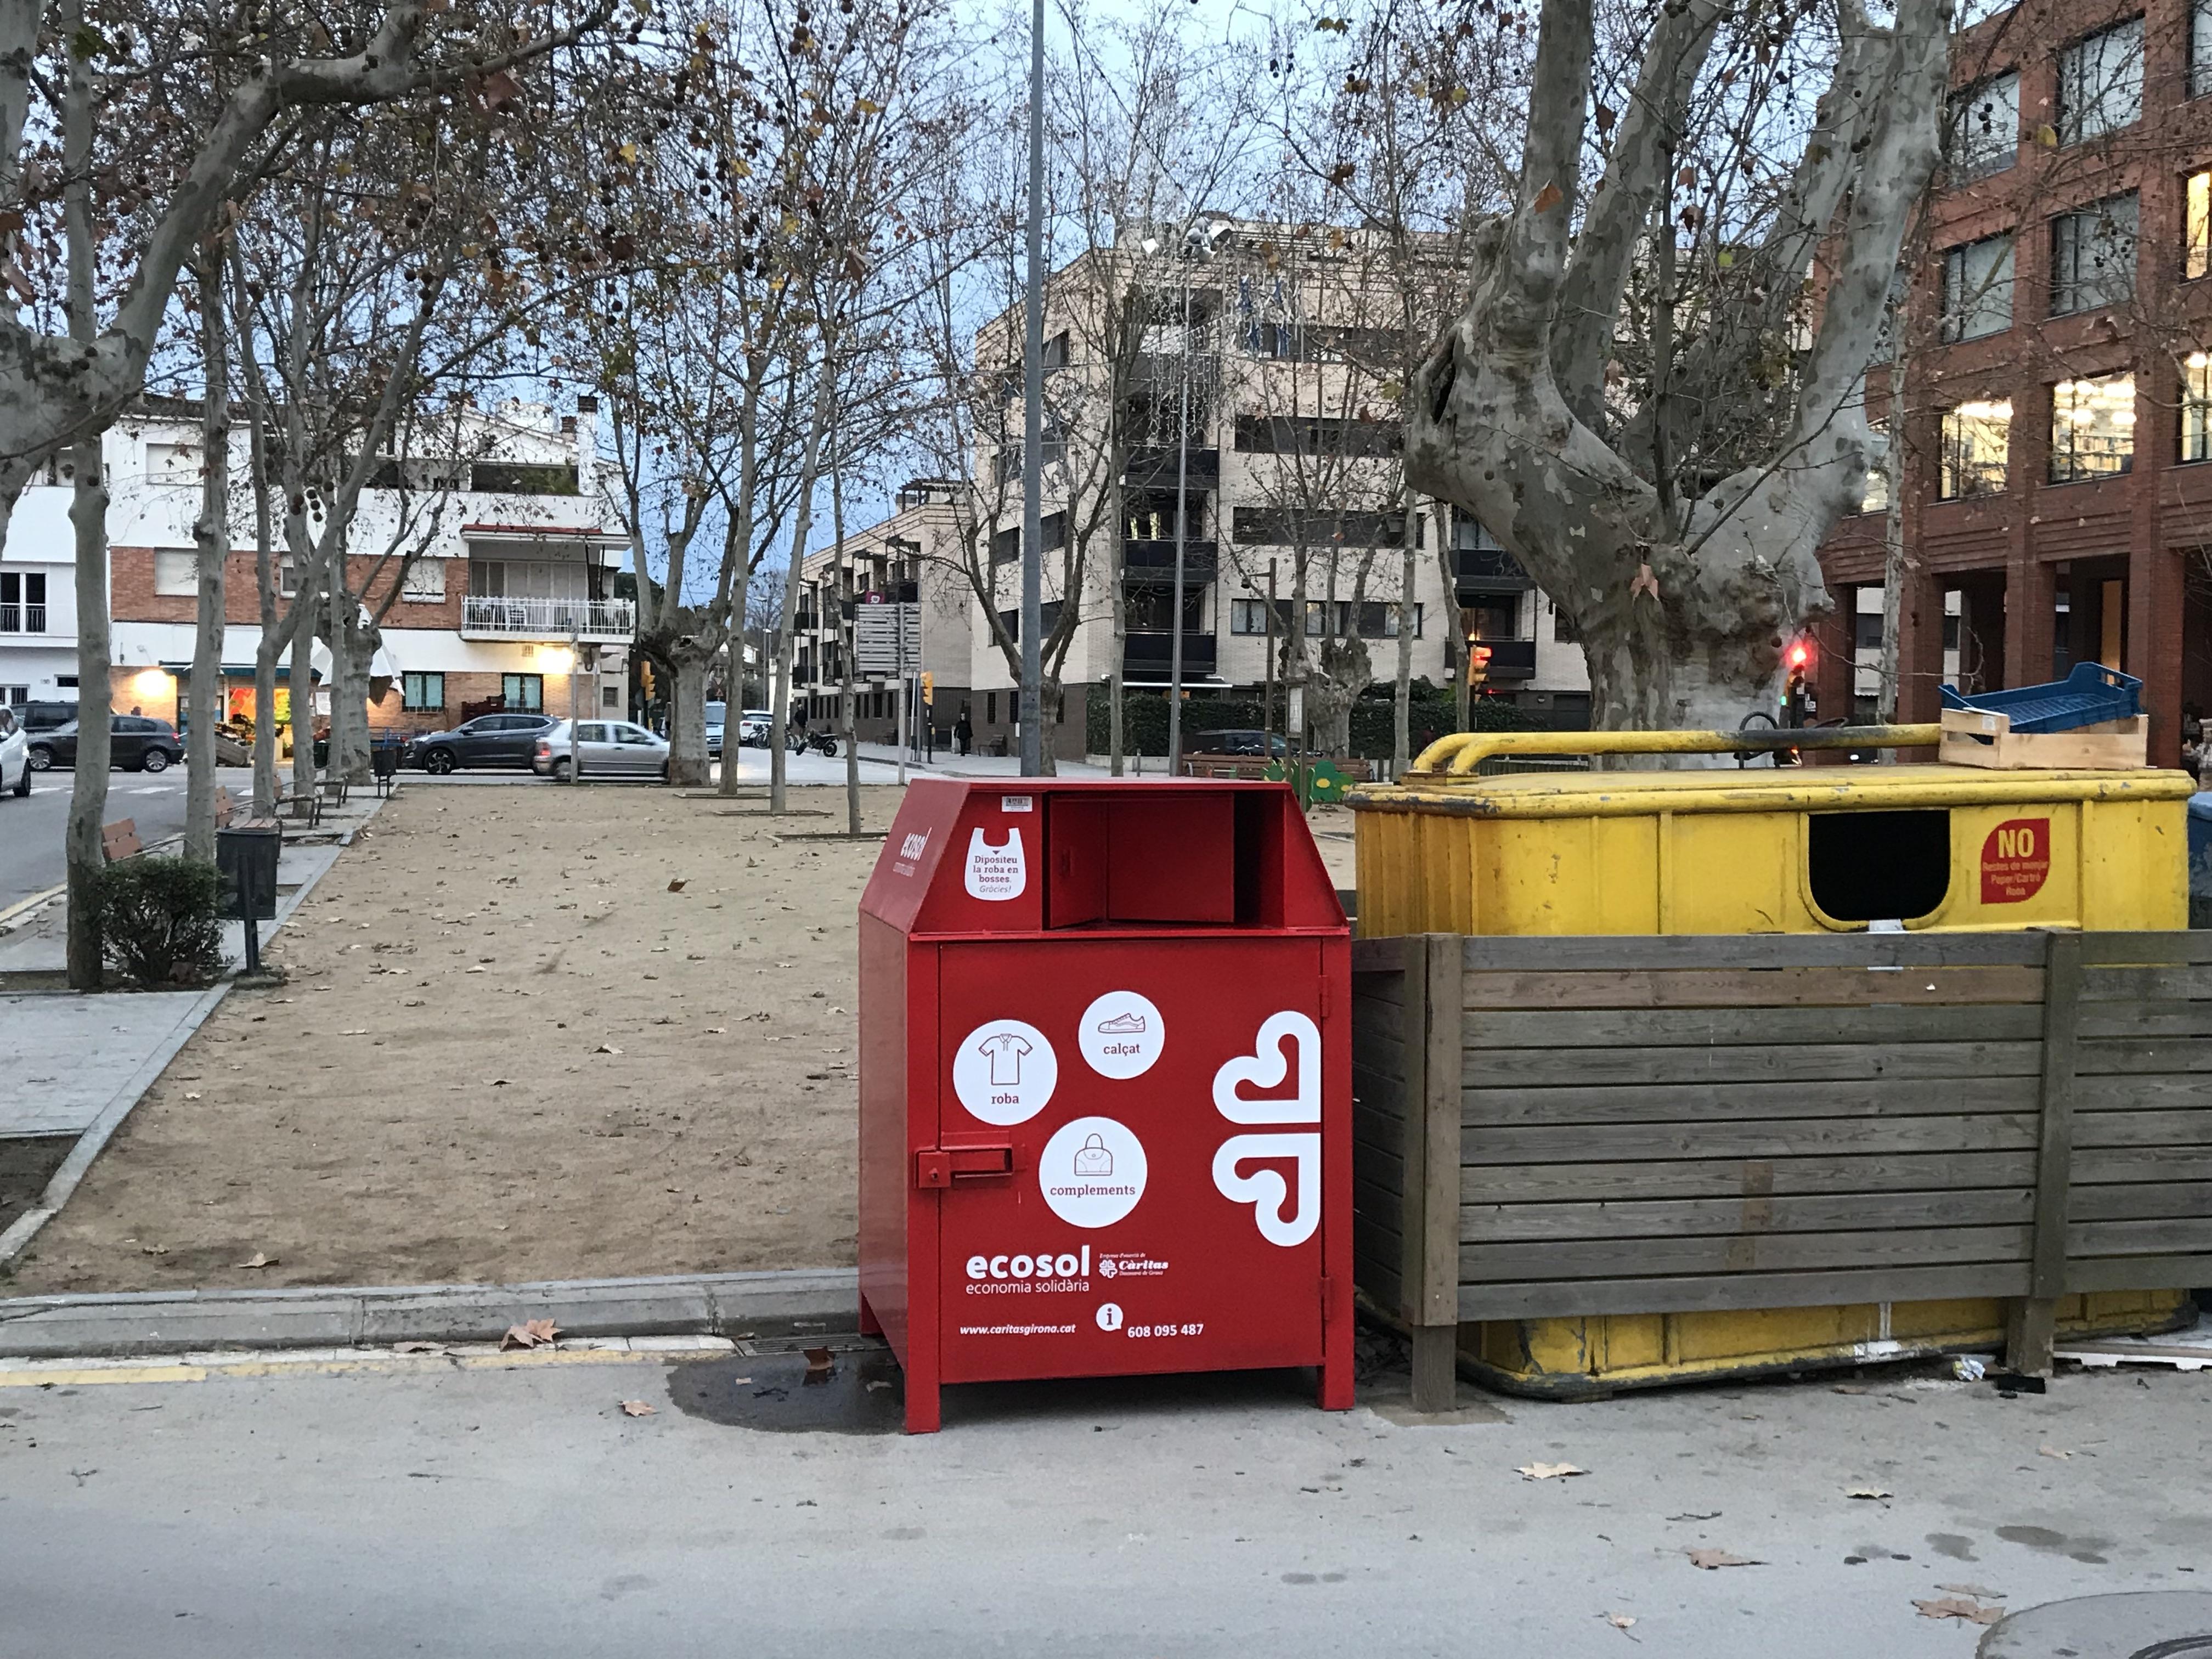 Ecosol de Càritas Girona instal·la més de 50 contenidors per la recollida de roba